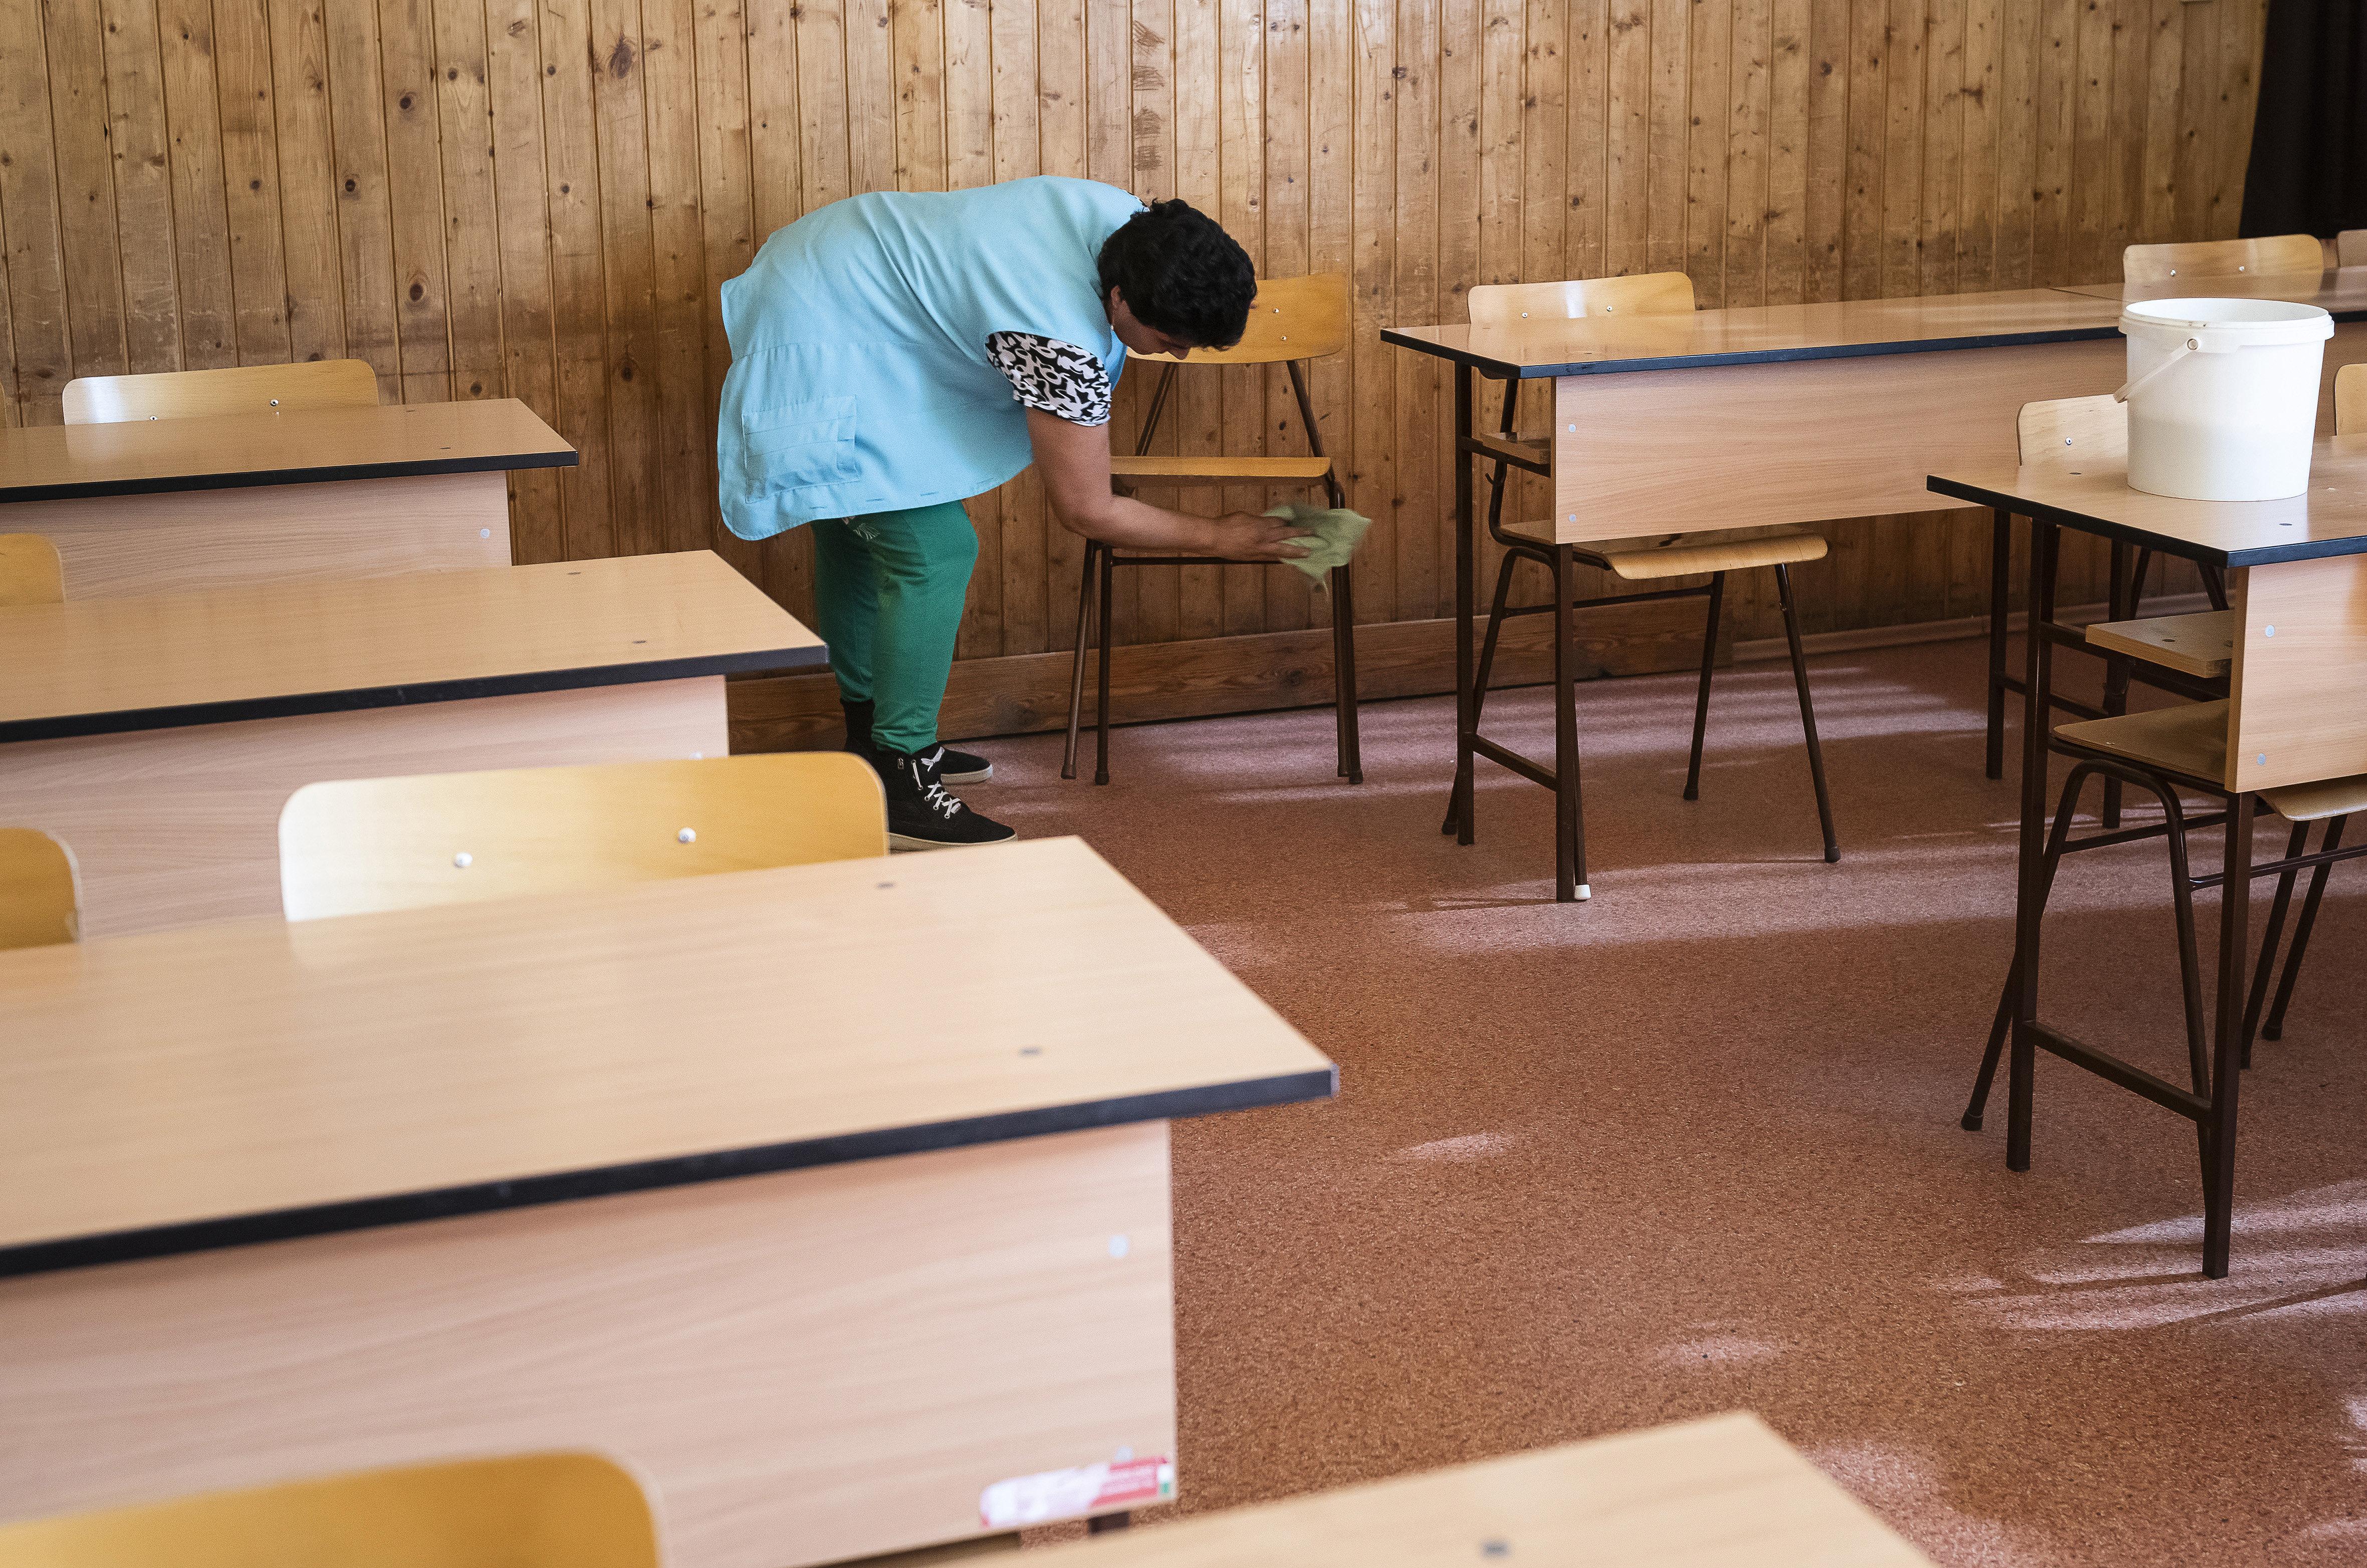 A szolnoki szakképzési centrum teljes tanári kara hatósági karanténba került